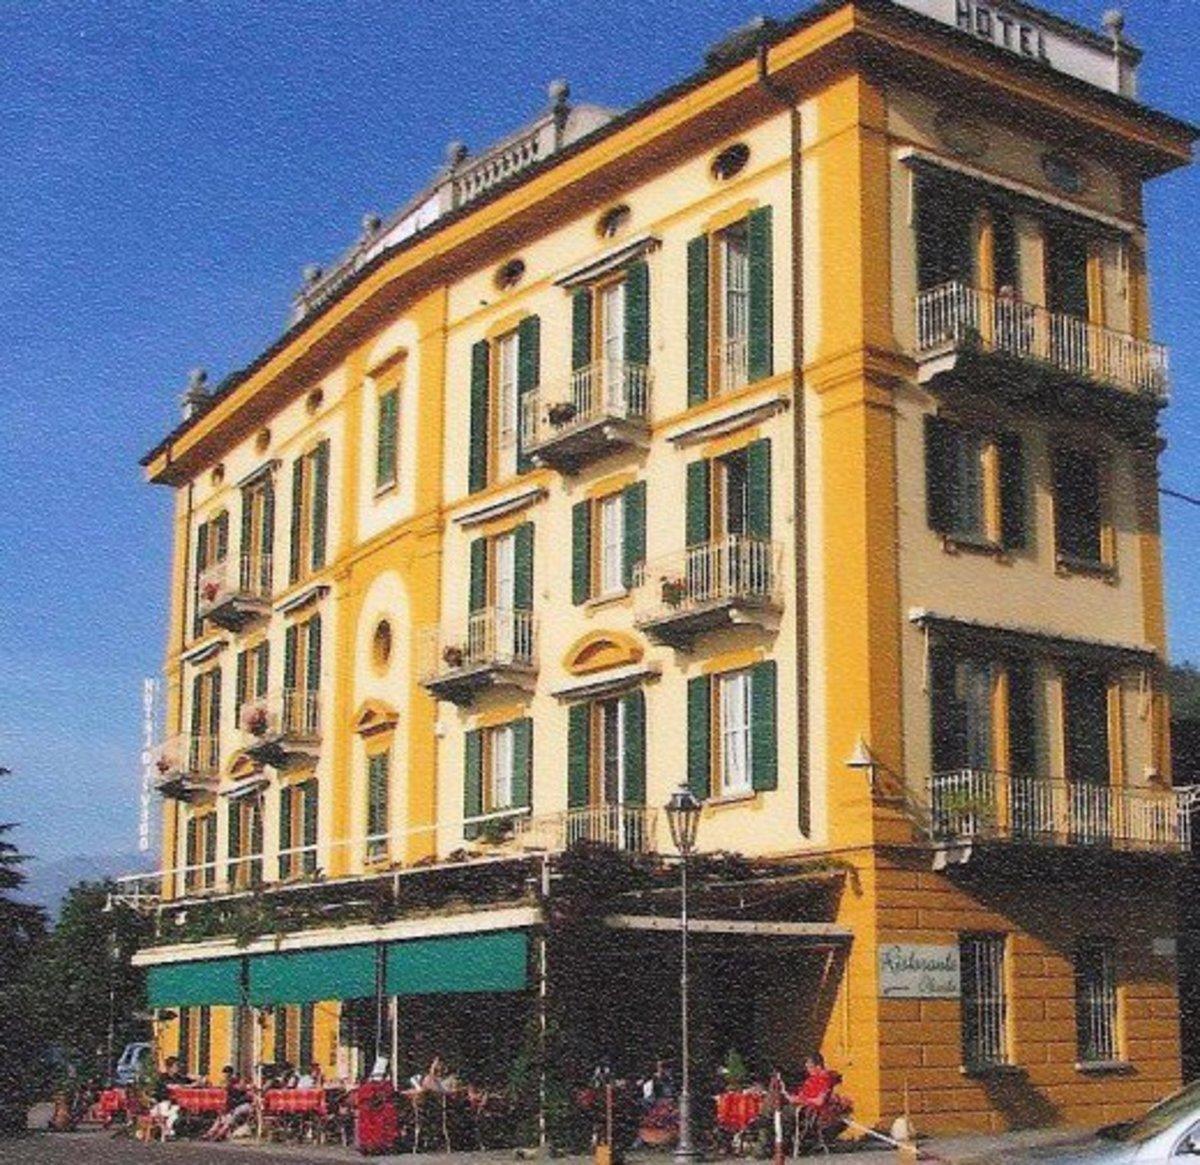 The Hotel Albergo Olivedo